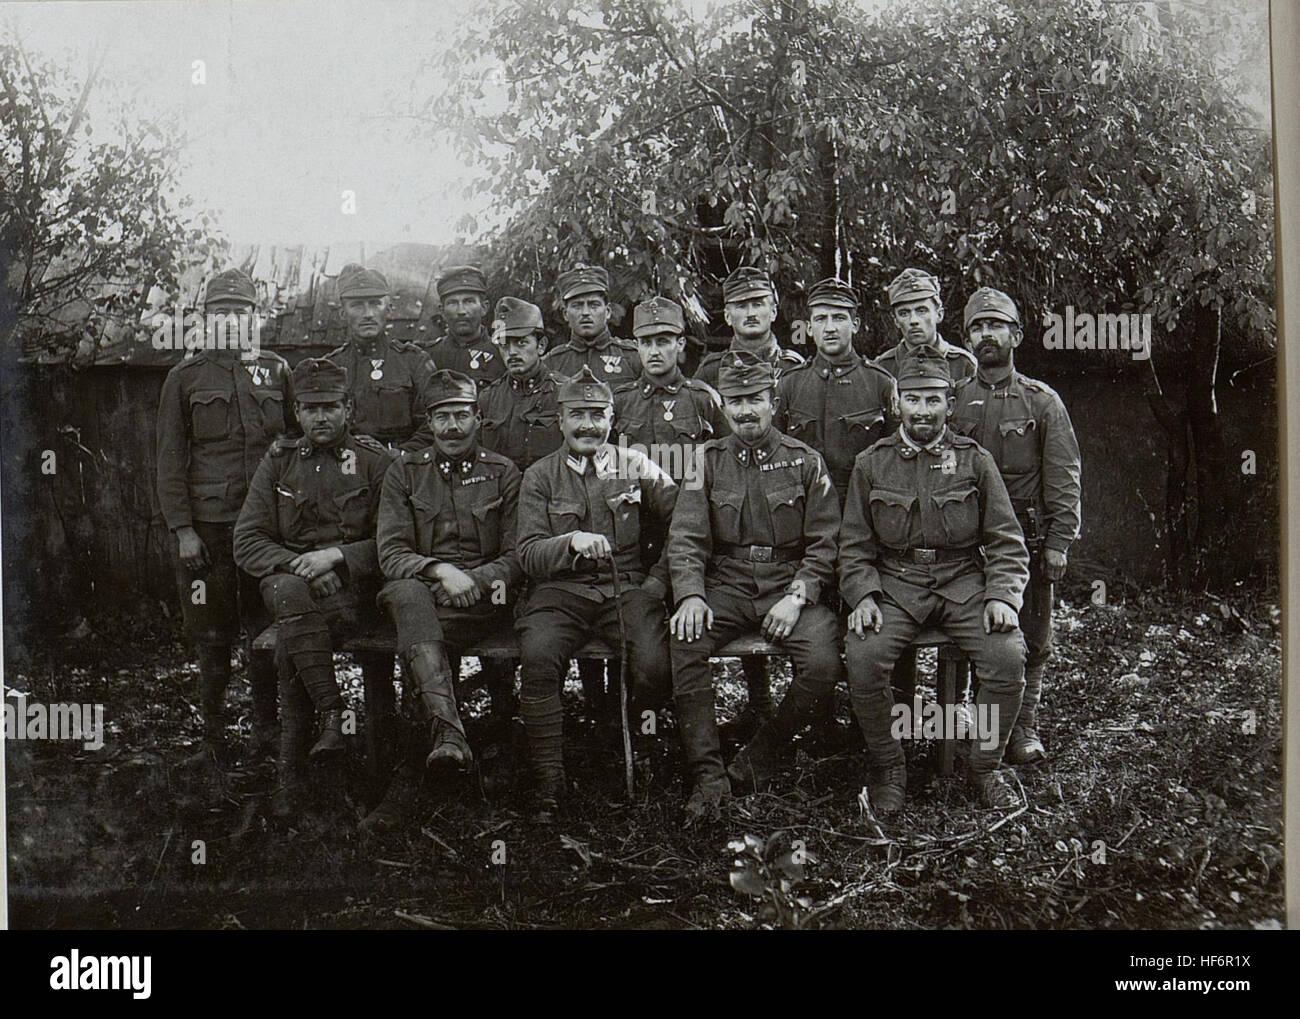 Gruppe von dekorierten Unteroffizieren und Mannschaften Infanterieregiment No.1. 15654469) - Stock Image